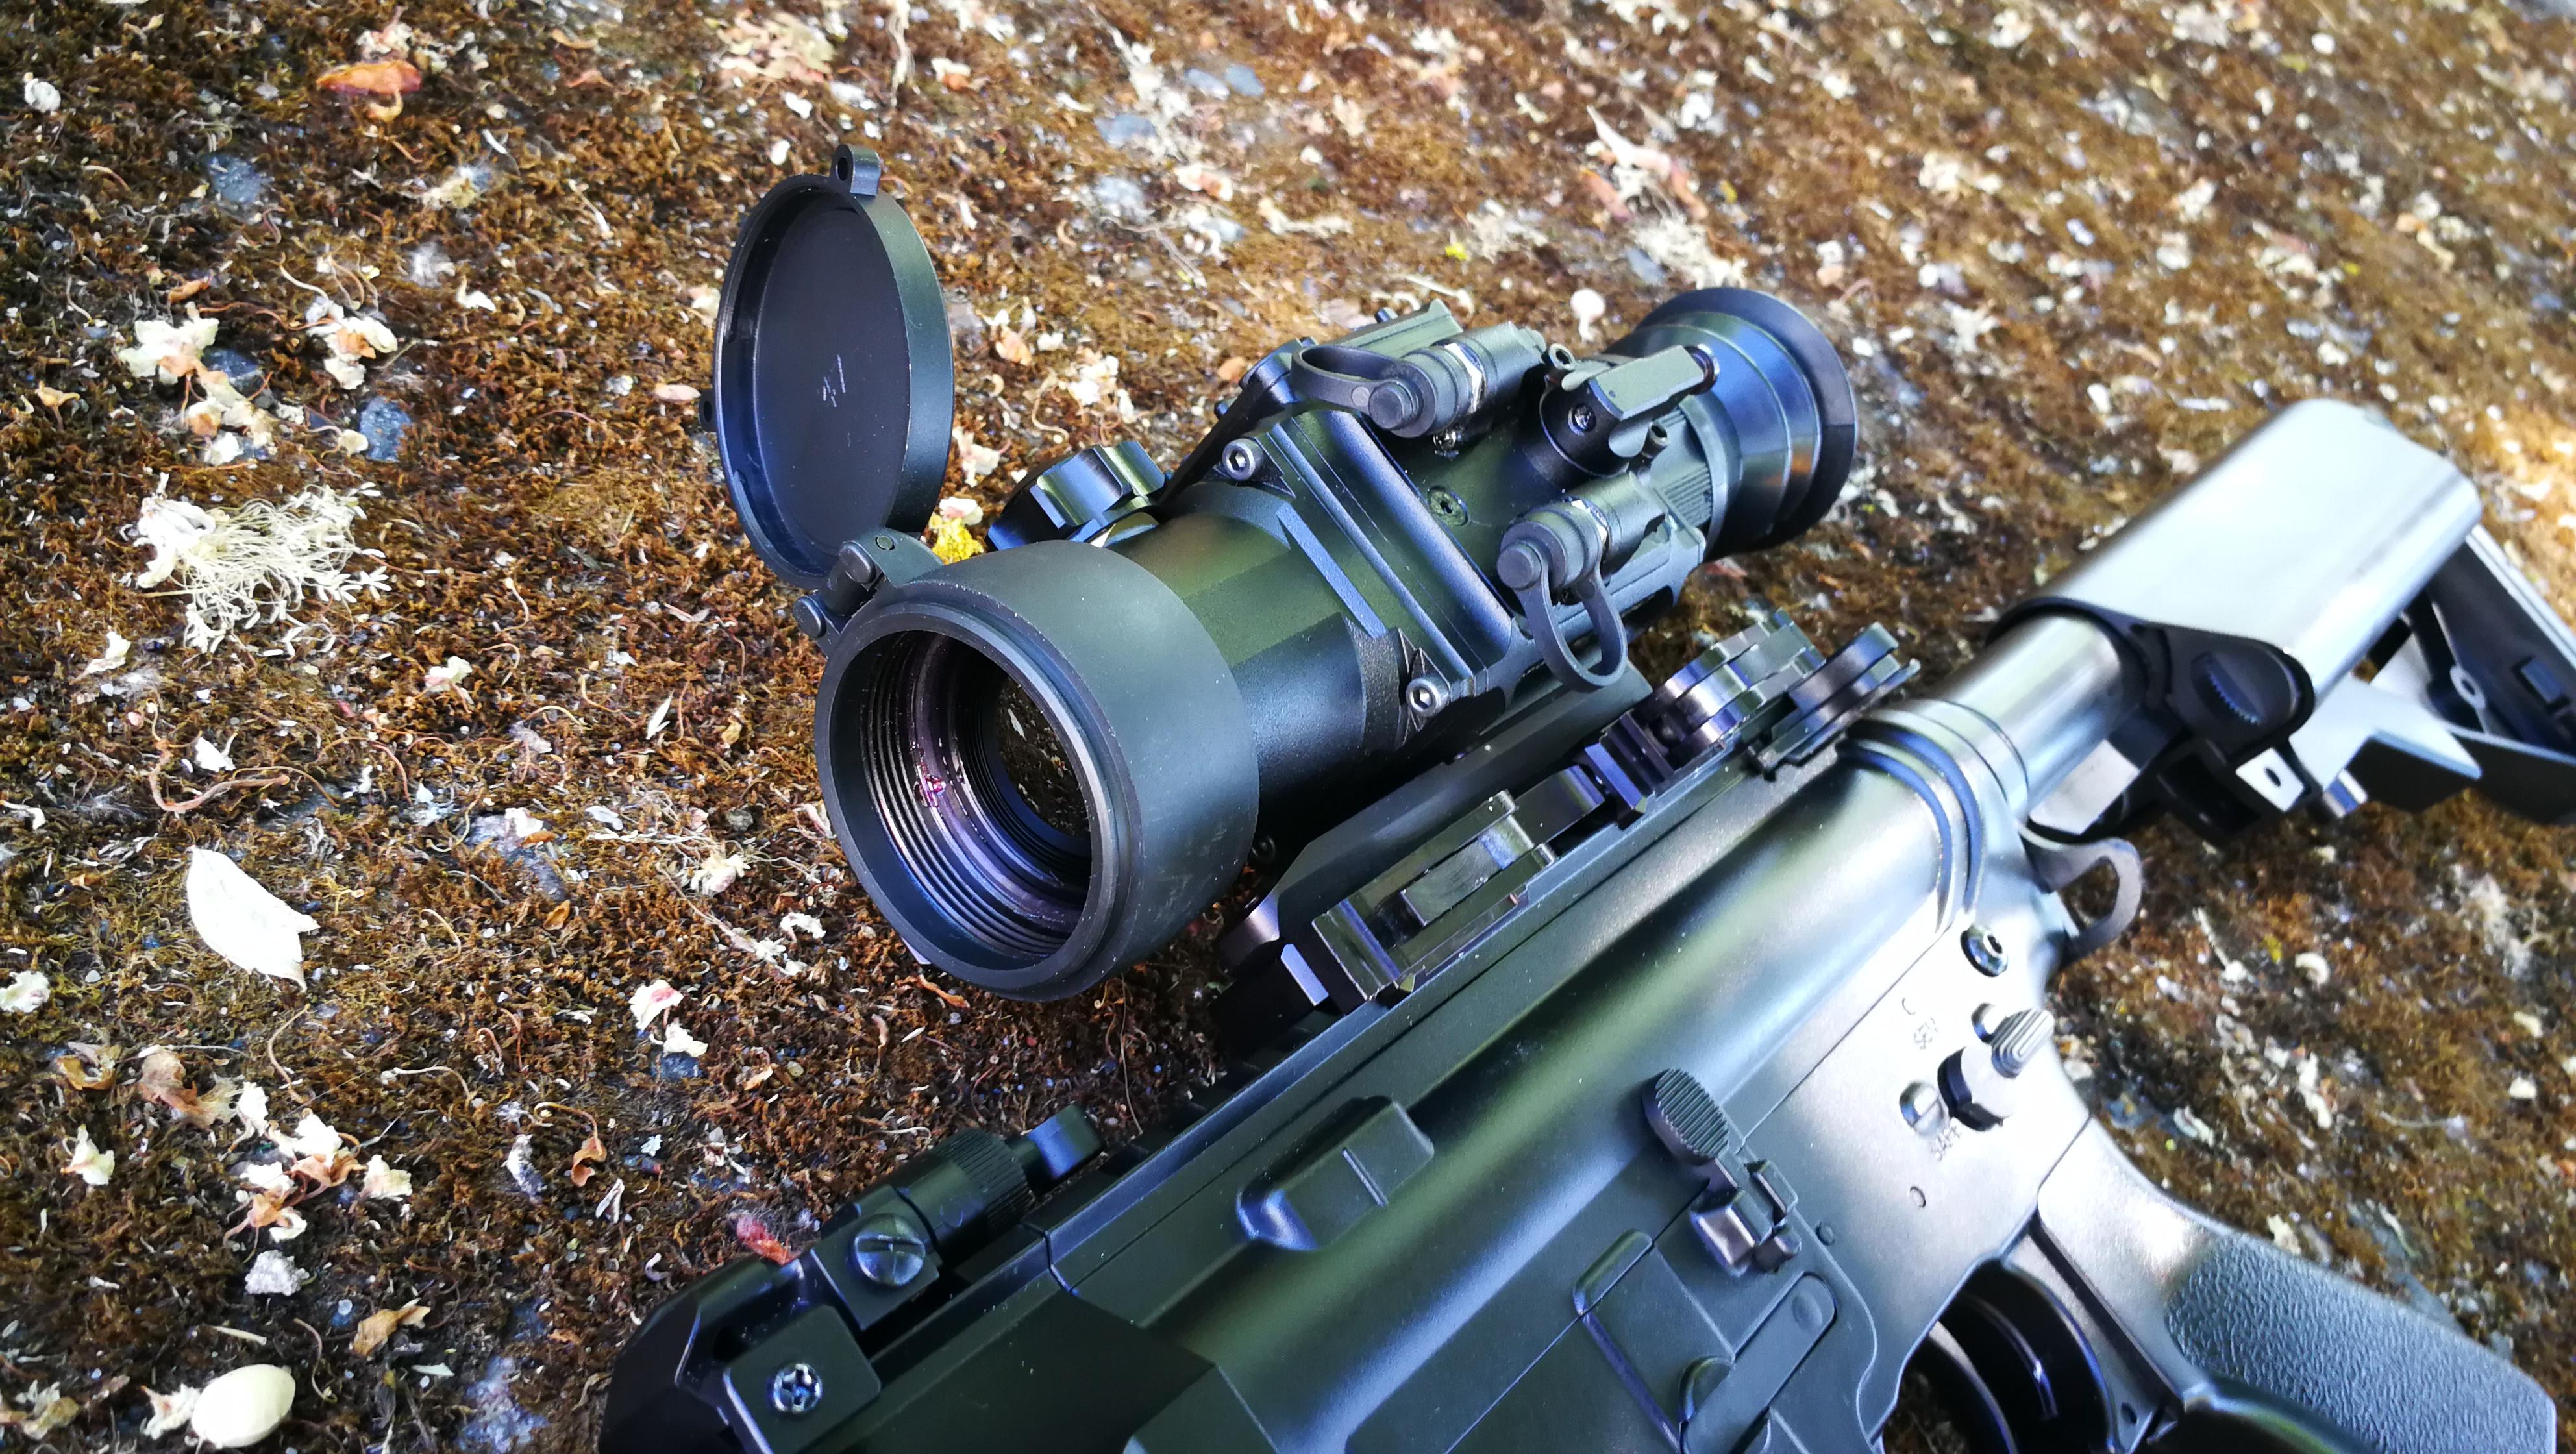 фотография тепловизионного охотничьего прицела LEGAT-3F40 Gen2 Lite